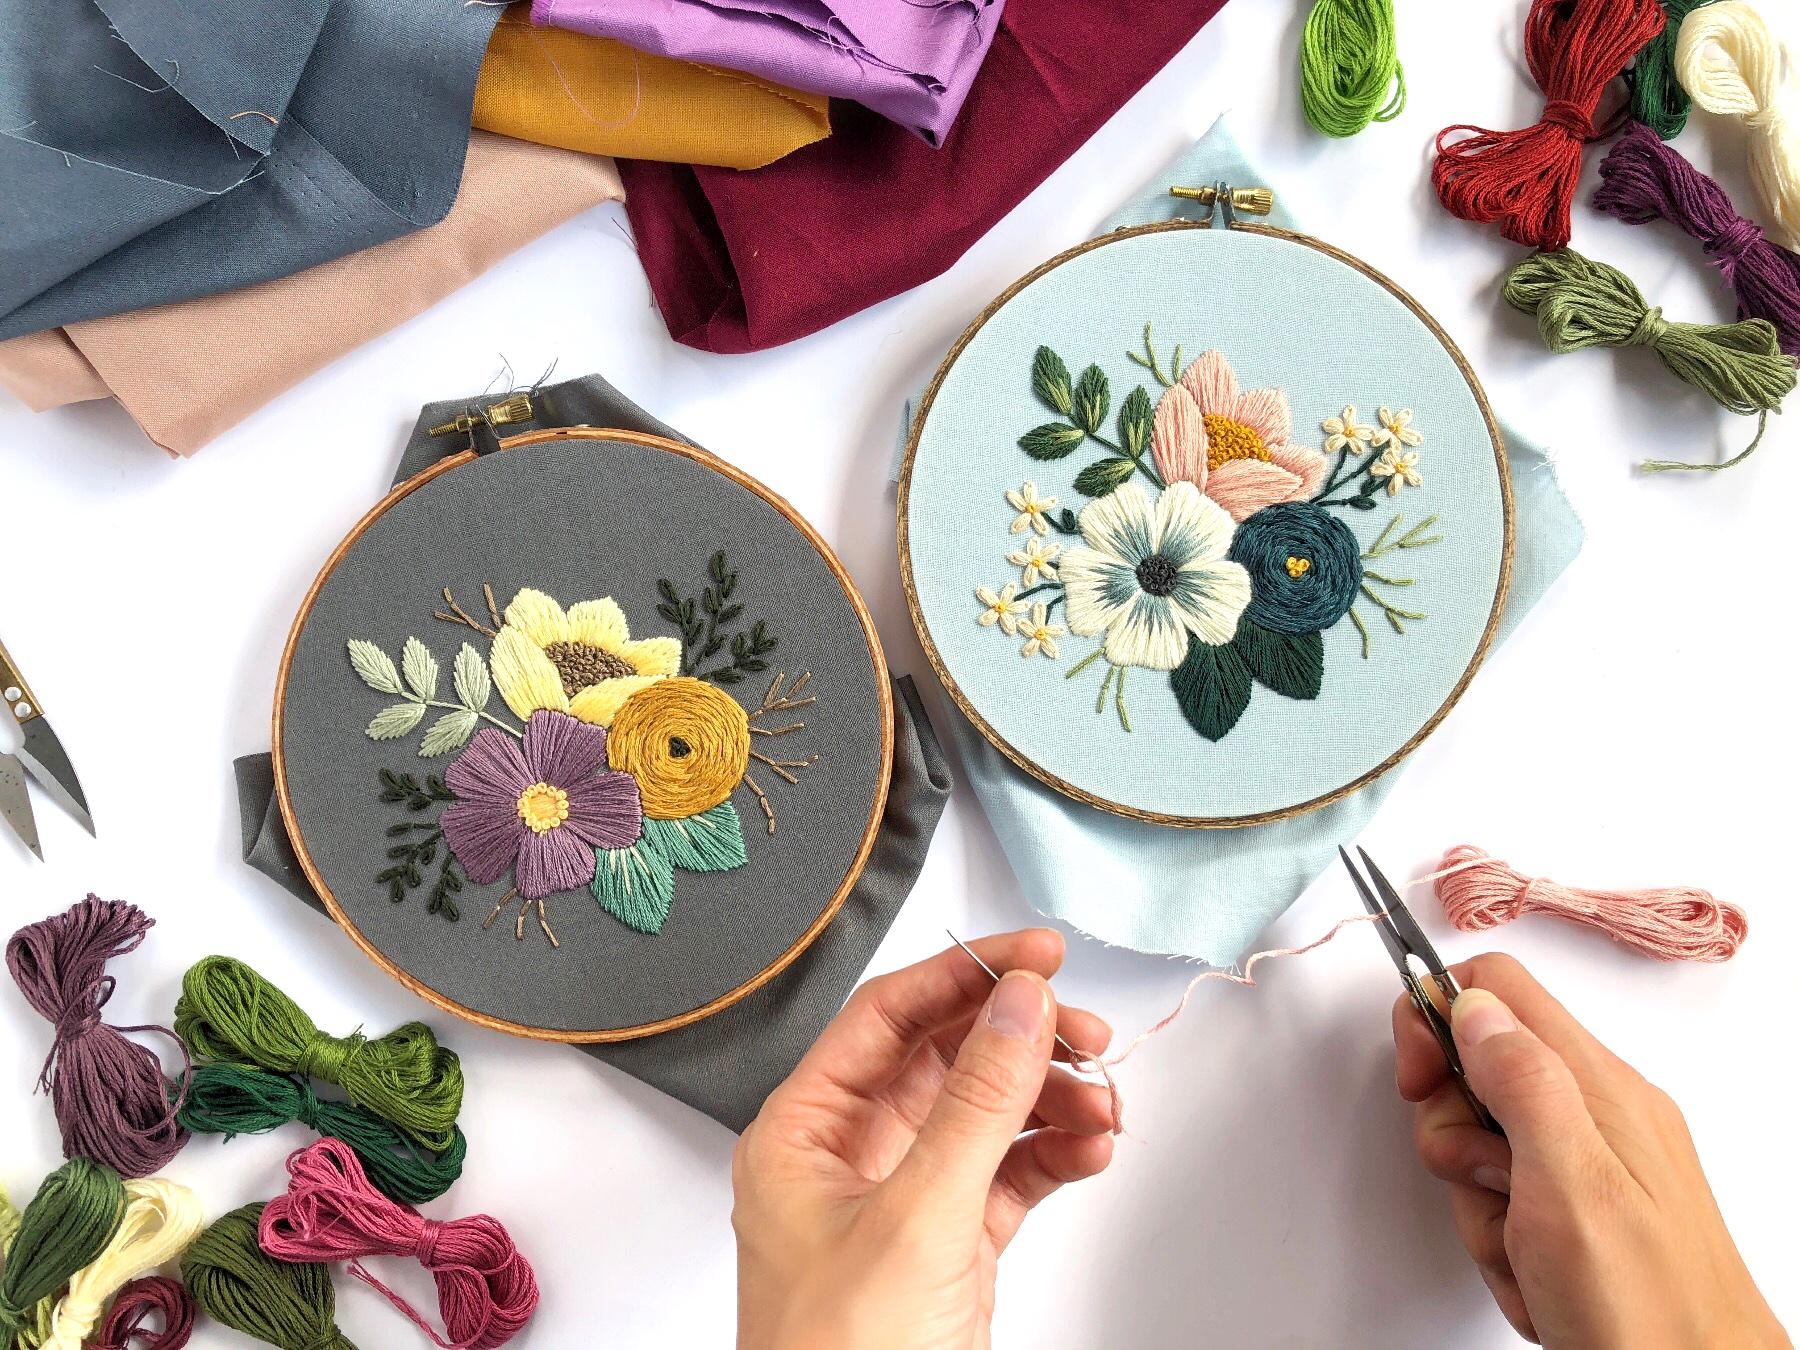 30daadc976 Beginner Embroidery - Floral Vignette in a Hoop